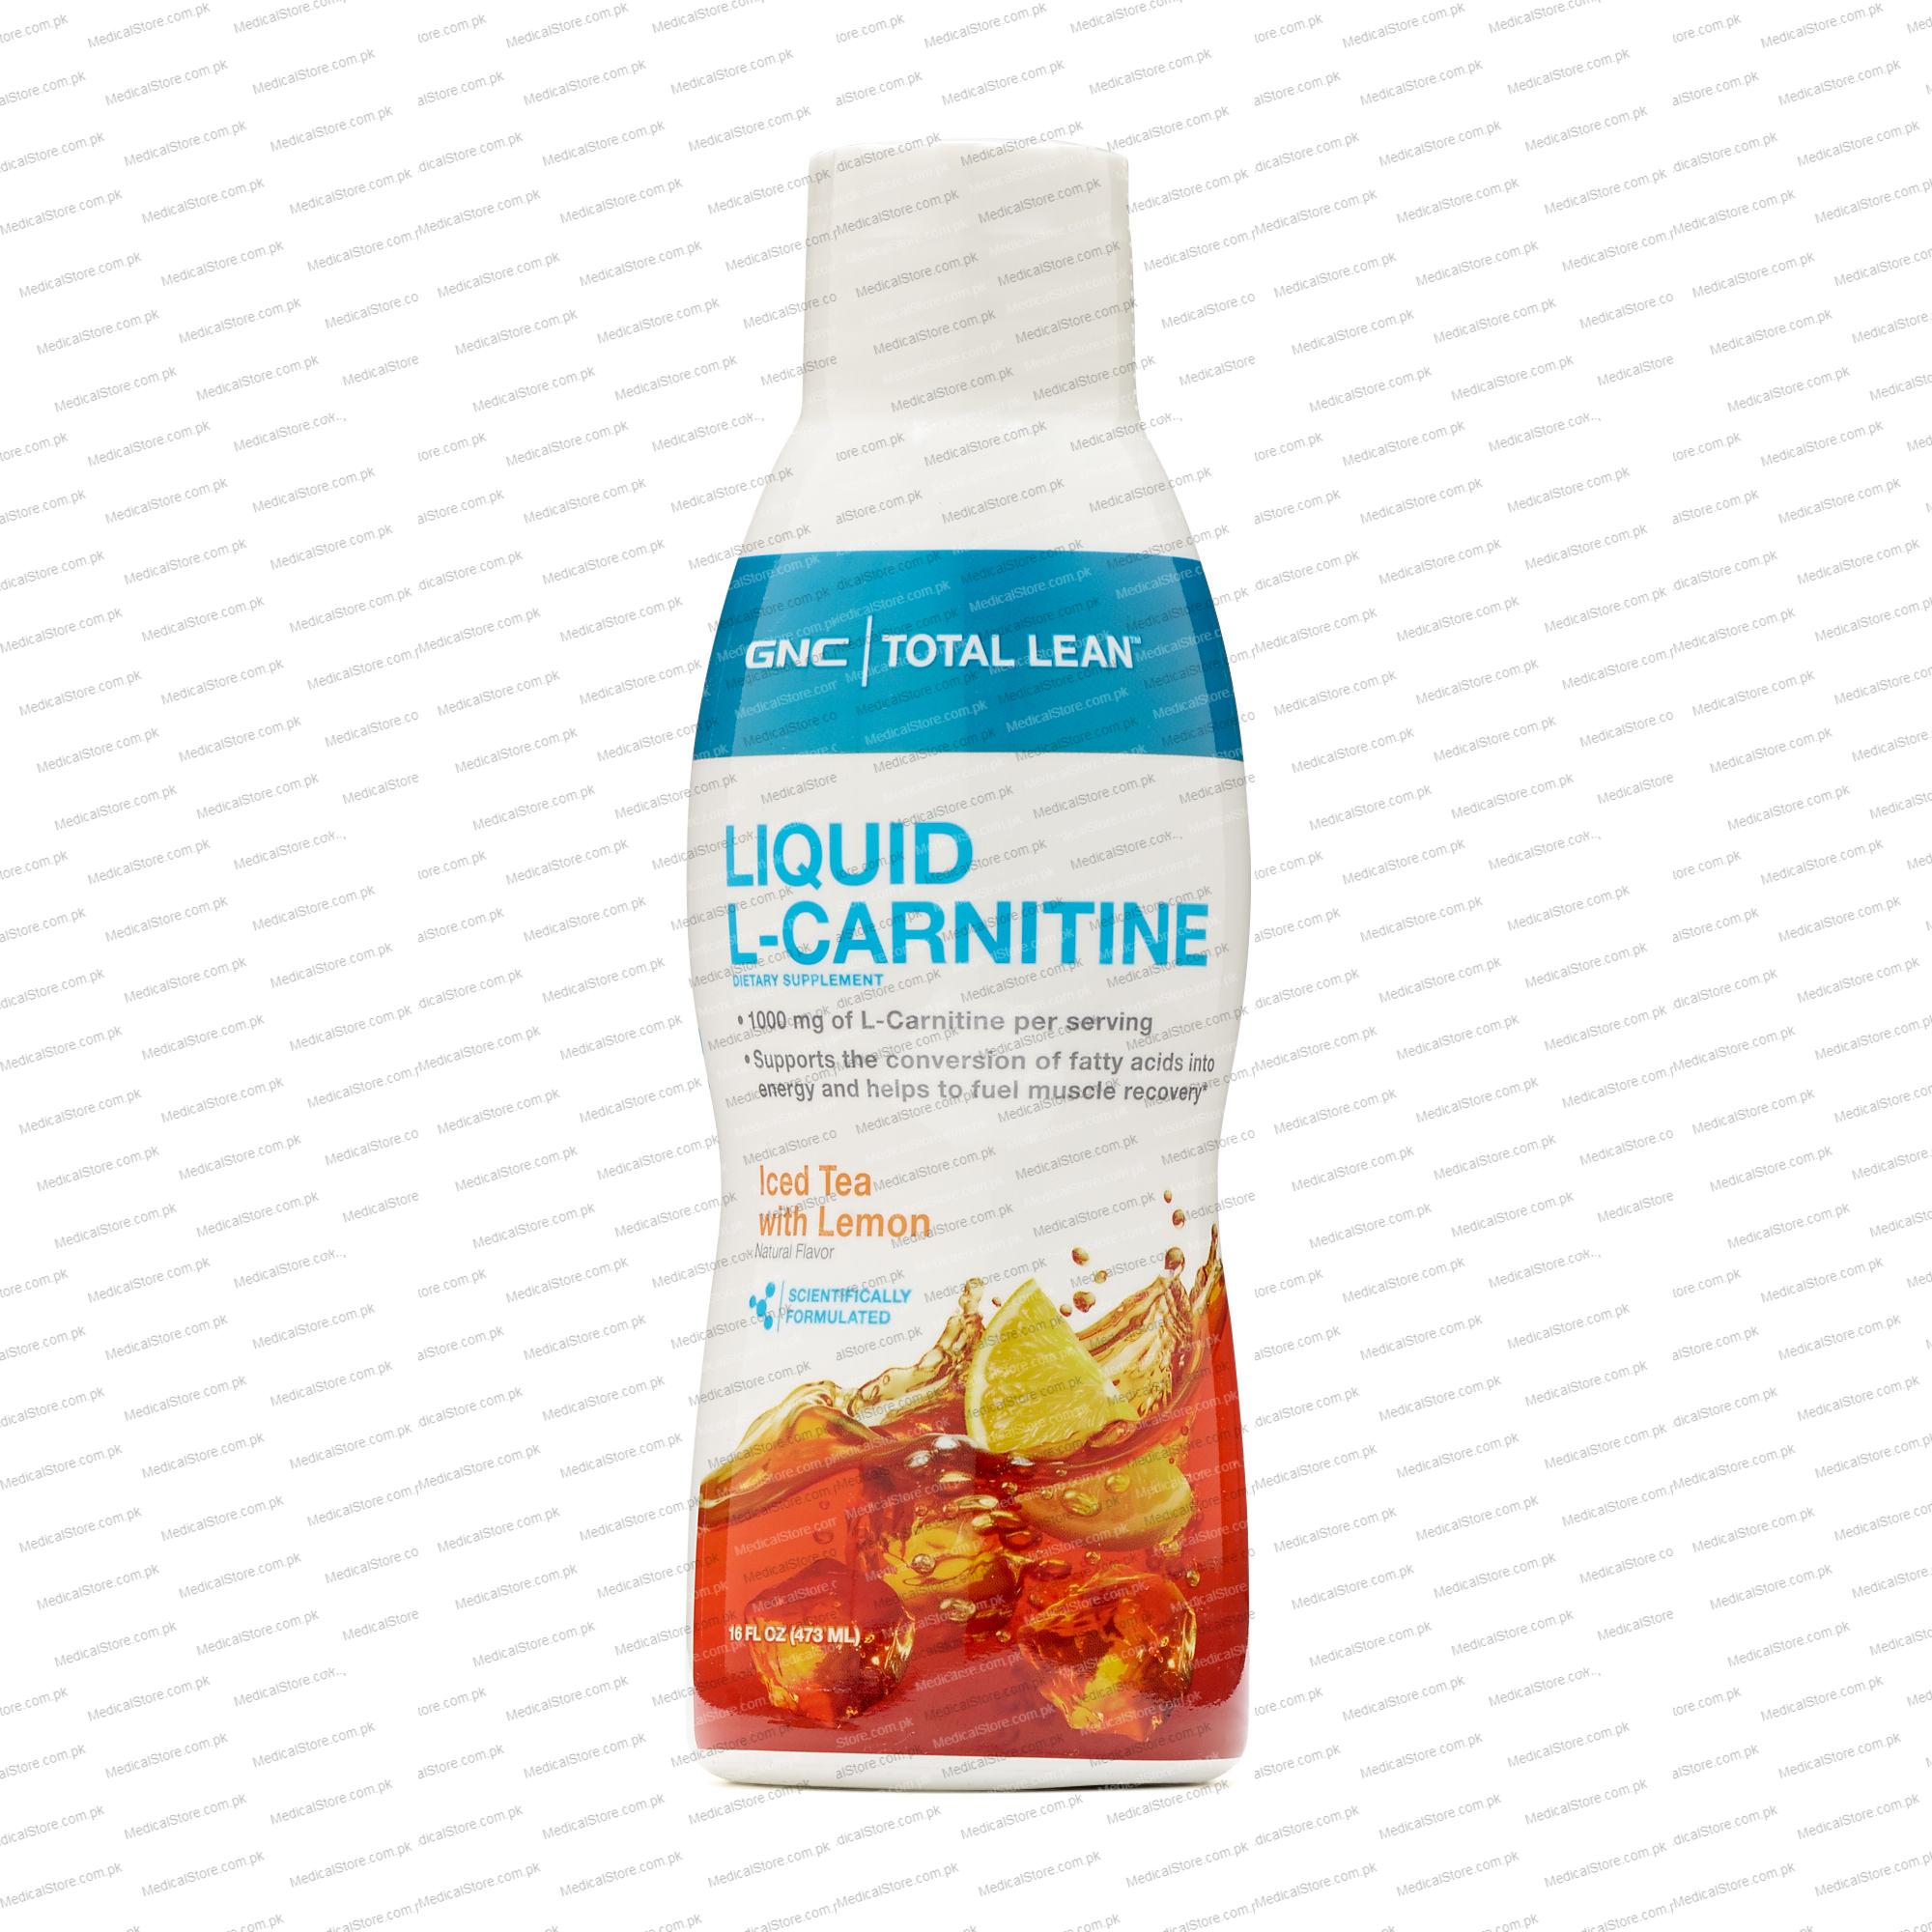 GNC TOTAL LEAN™ LIQUID L-CARNITINE - ICED TEA WITH LEMON